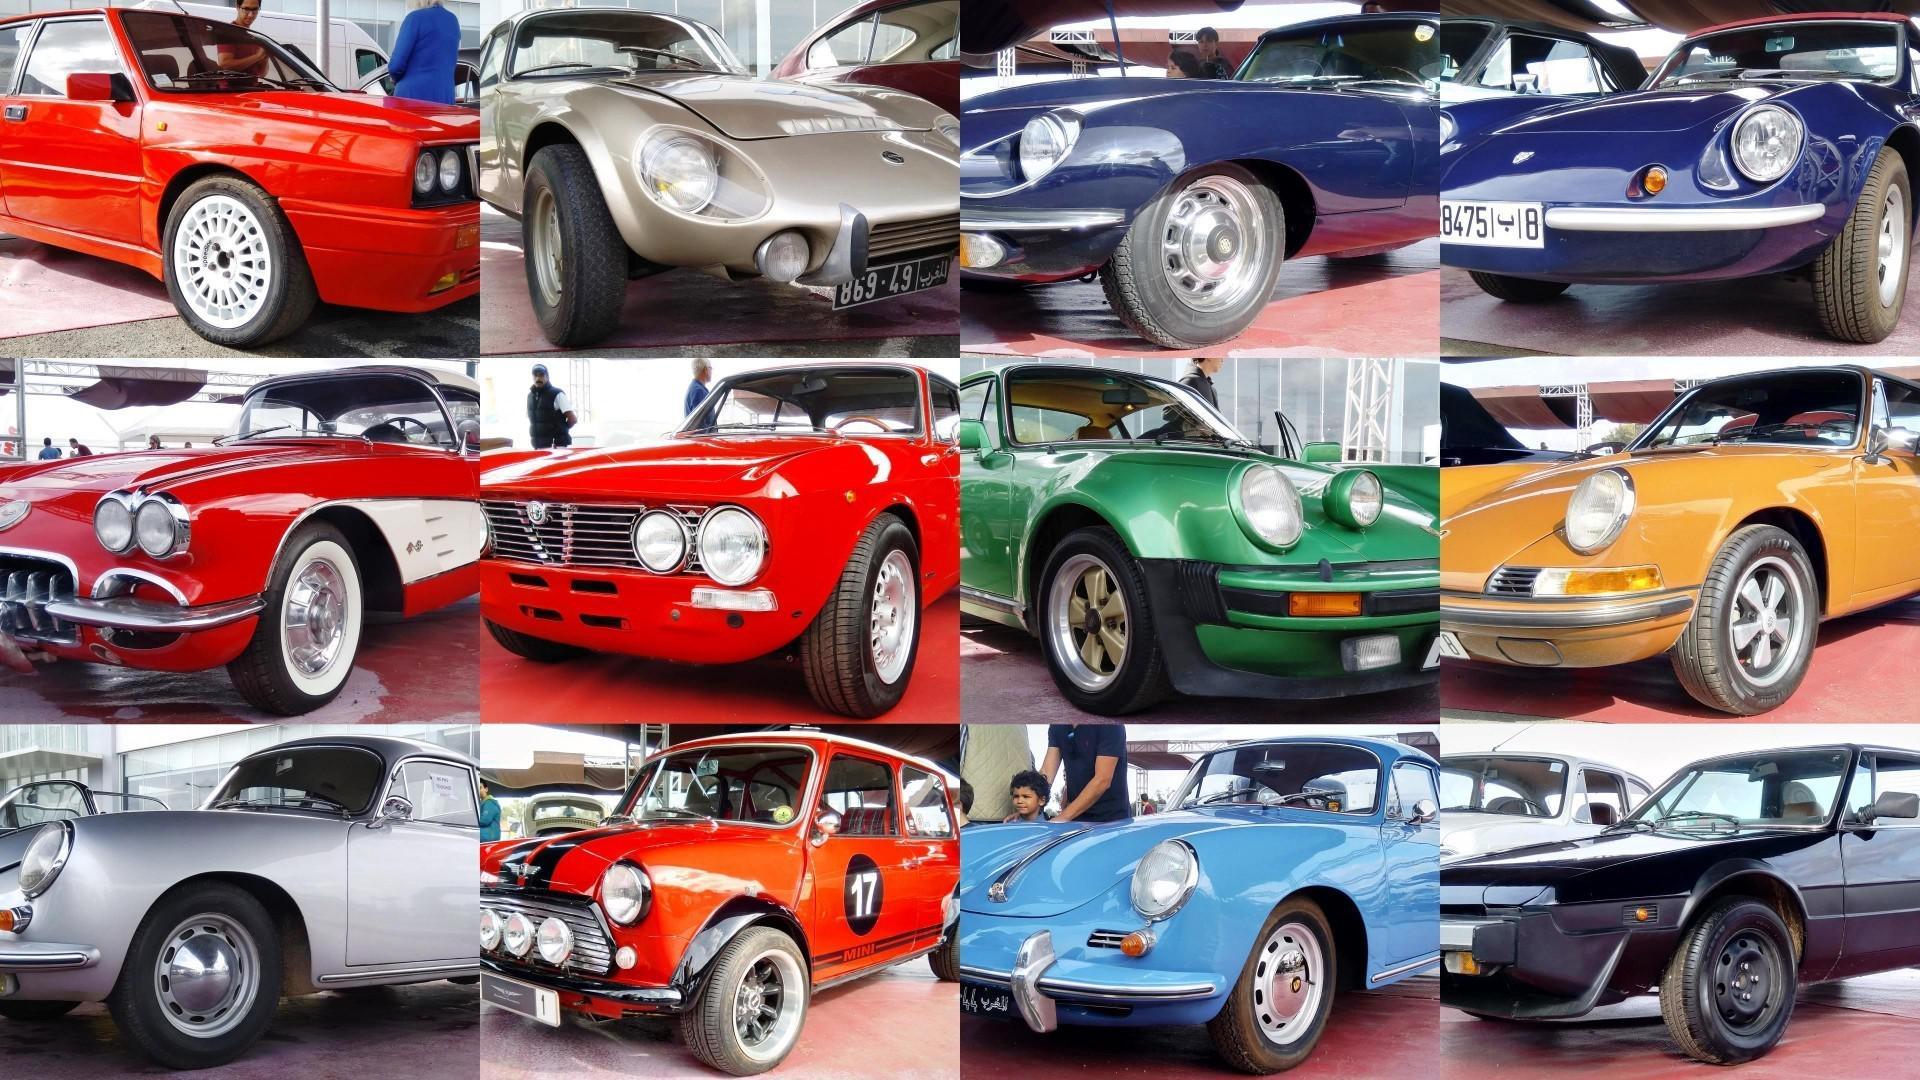 Les voitures de sports du Classic Cars Expo 2019